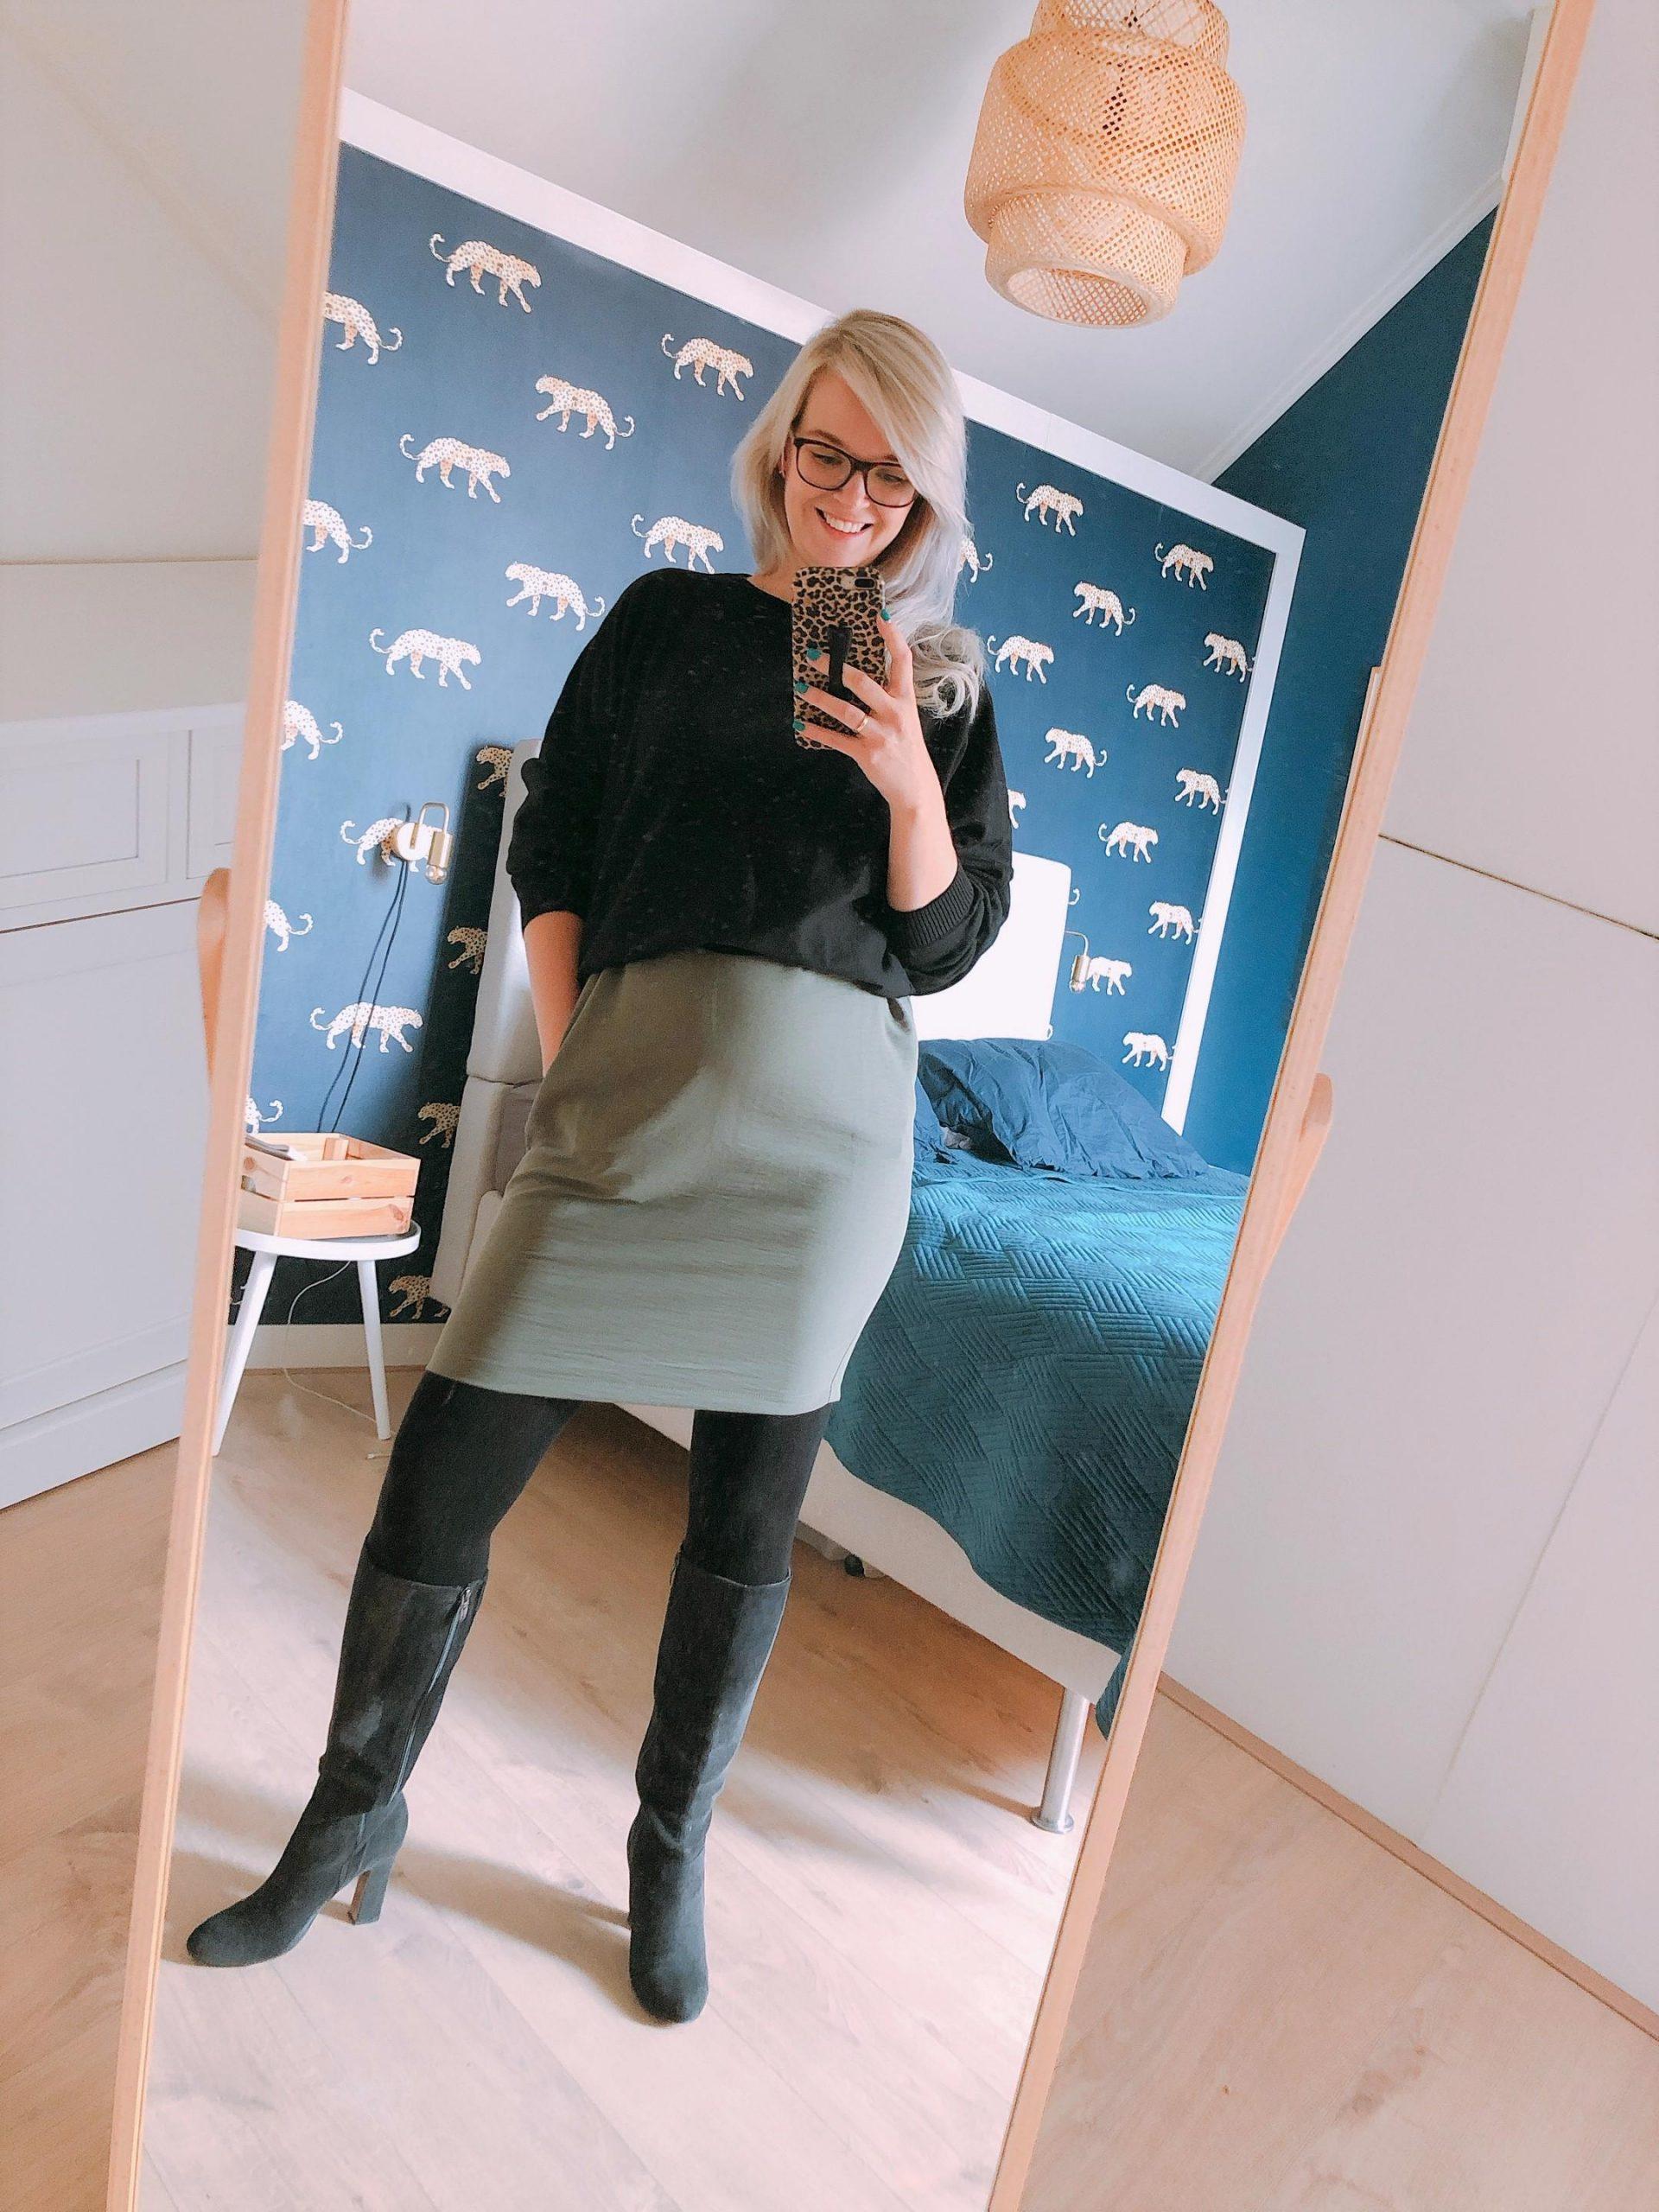 IMG 3153 2160x2880 1 scaled - Kledingshoplog - outfits updaten van zomer naar herfst & winter!